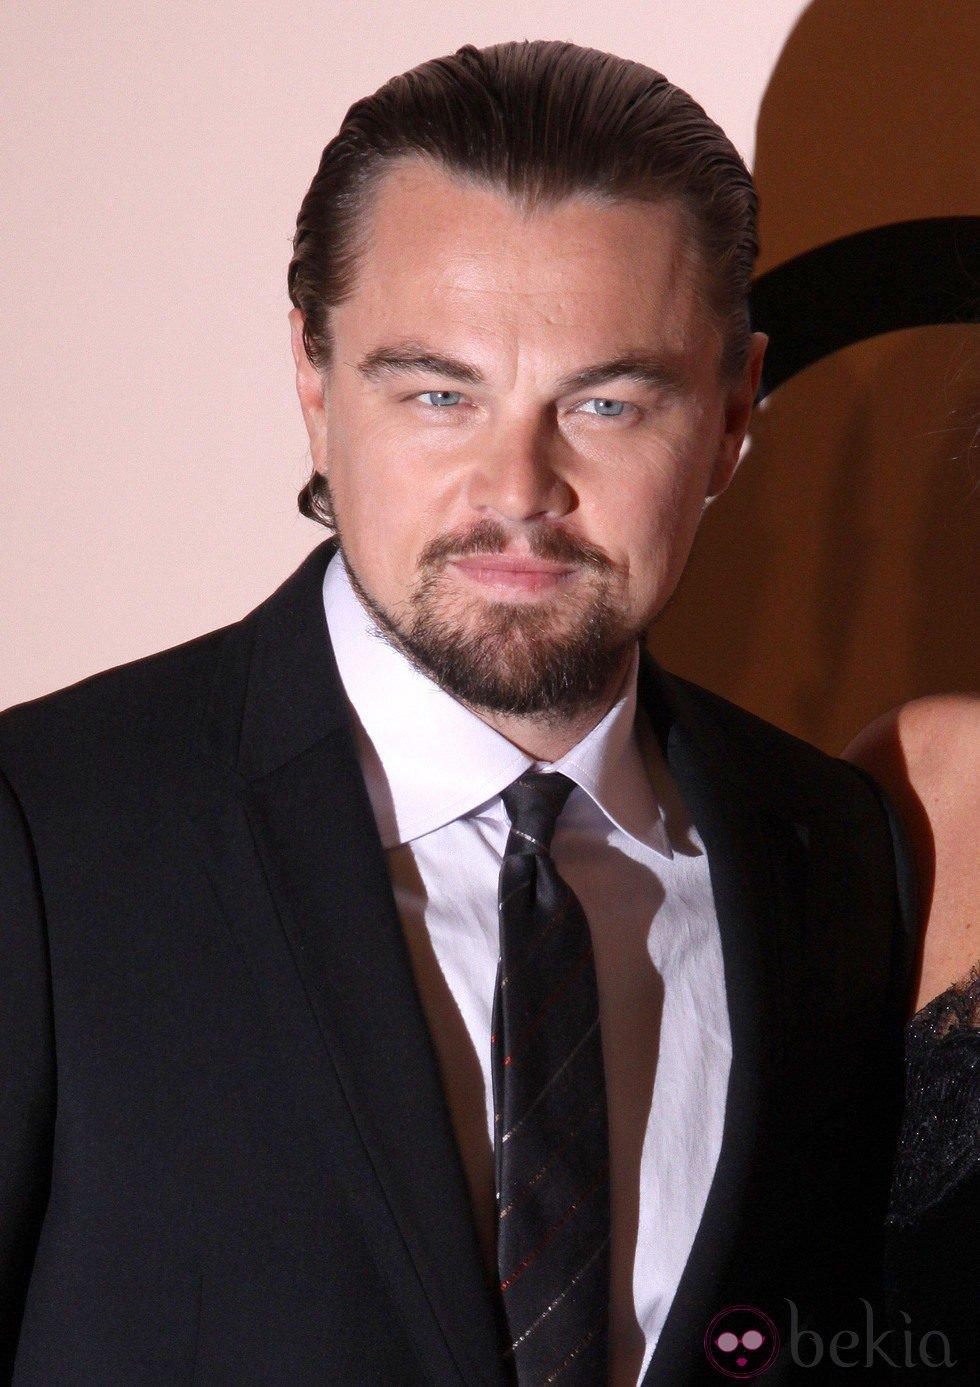 Leonardo DiCaprio en la fiesta de Giorgio Armani 'One Night Only' en Nueva York